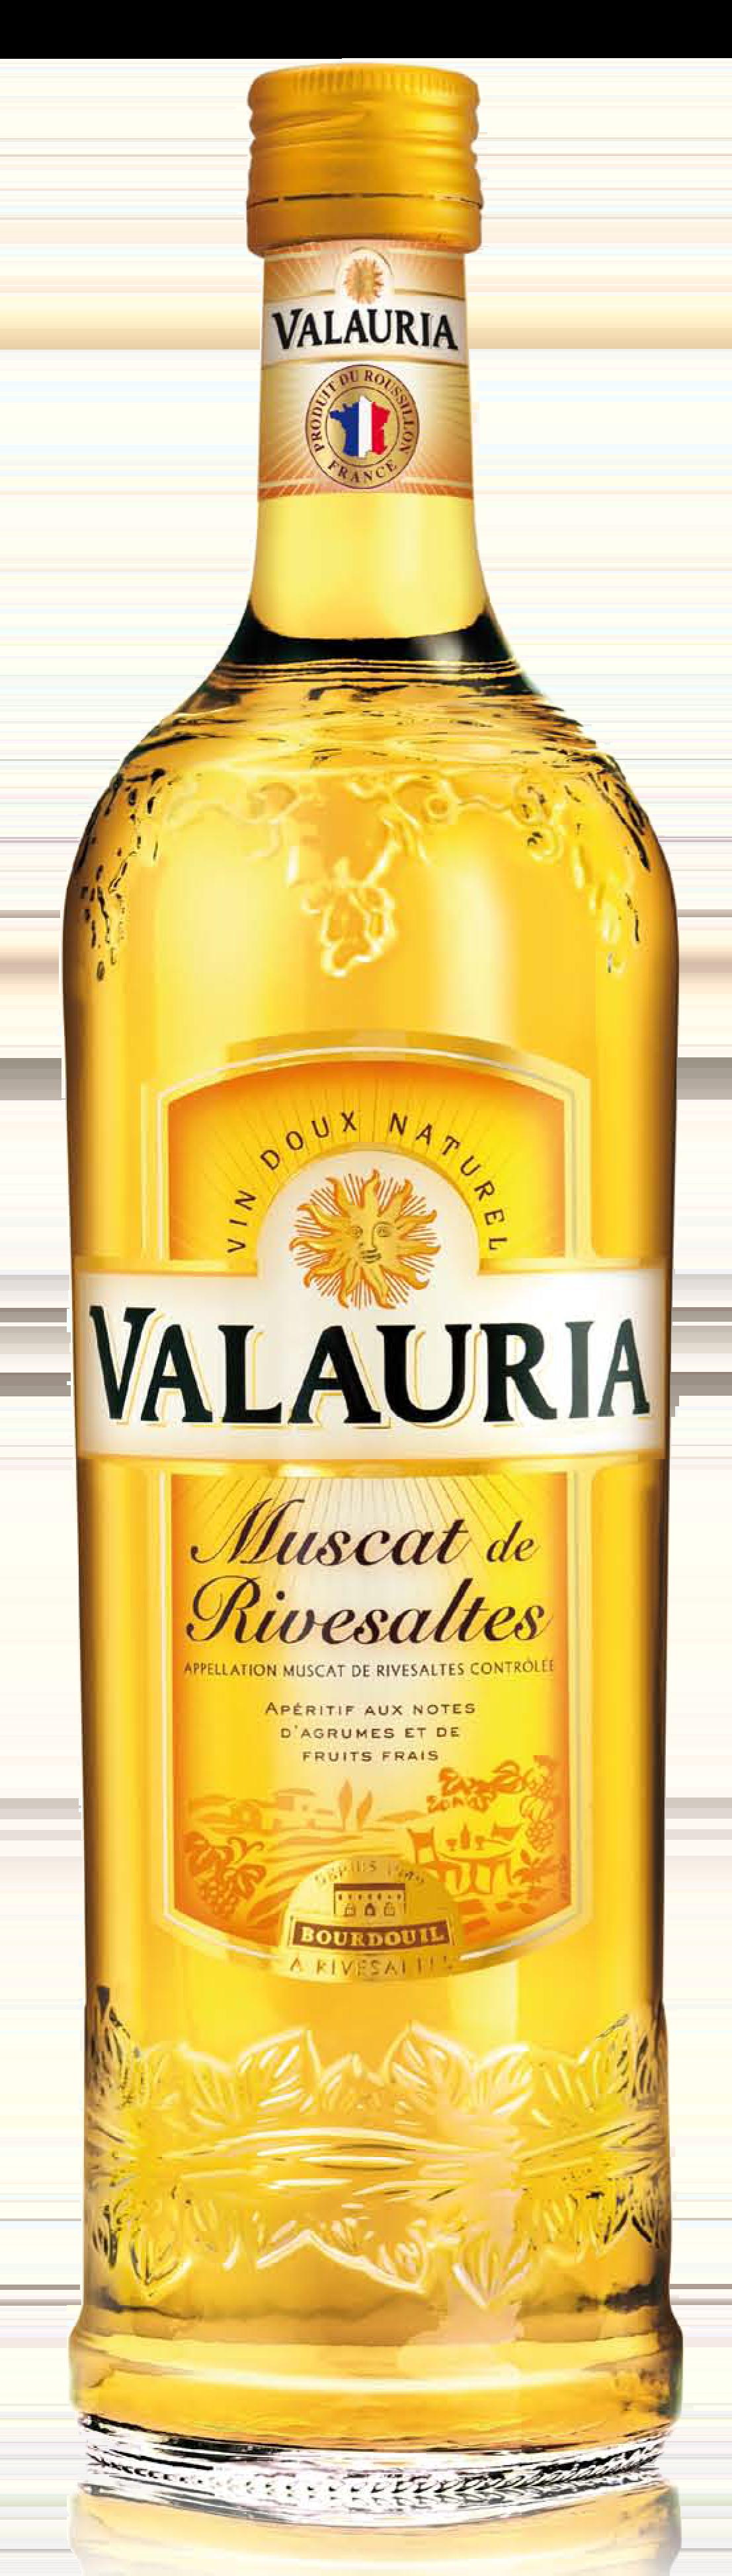 aperitif valauria reduction